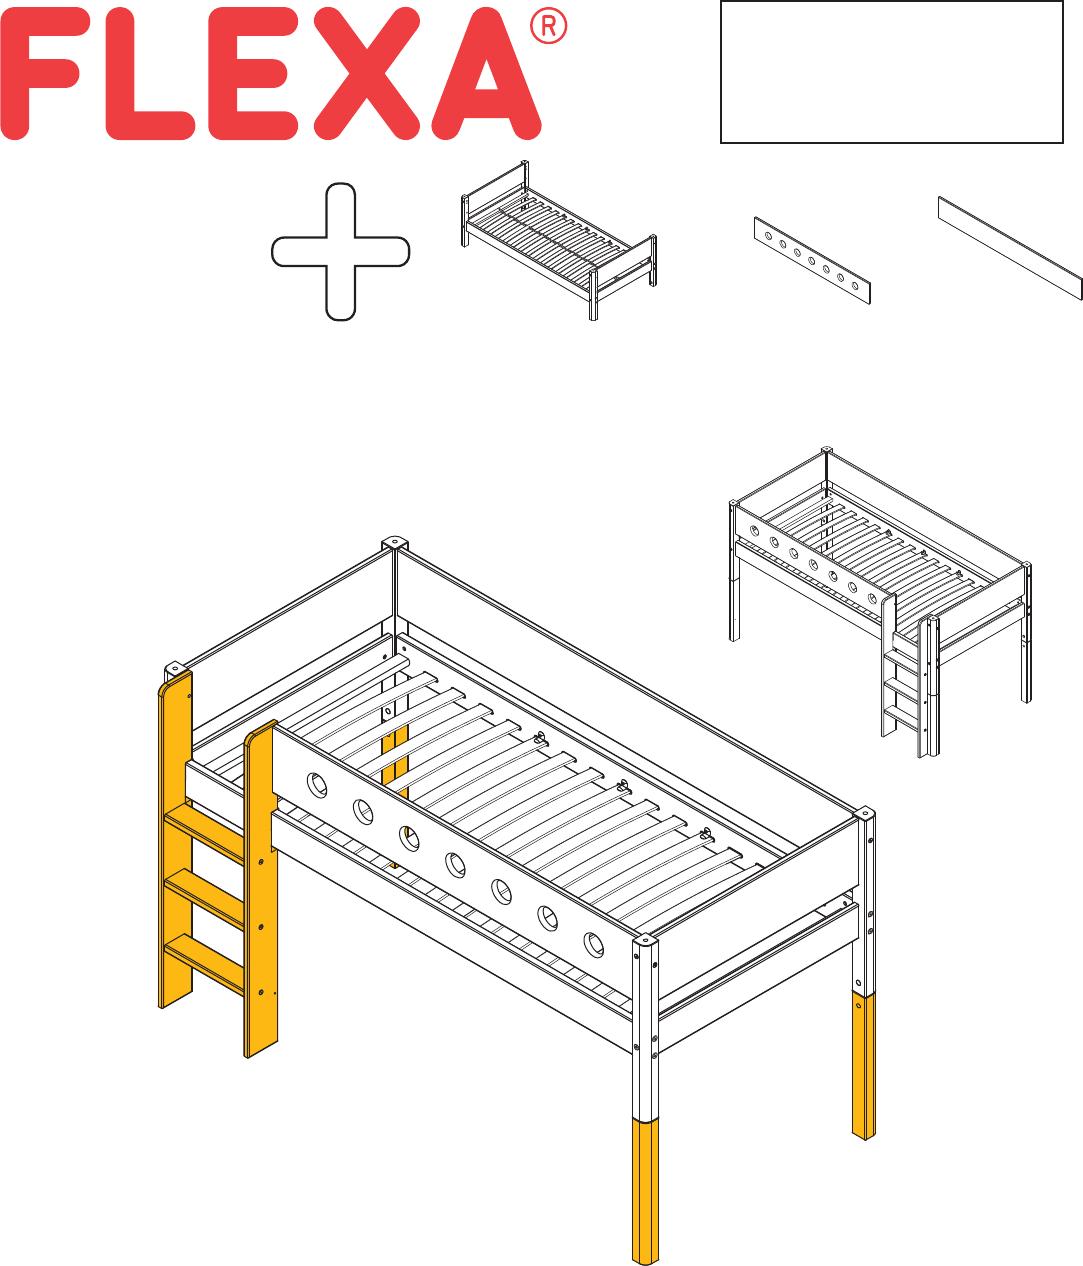 Flexa Bed Hoogslaper.Handleiding Flexa Hoogslaper 80 17305 40 95 Pagina 1 Van 6 Dansk